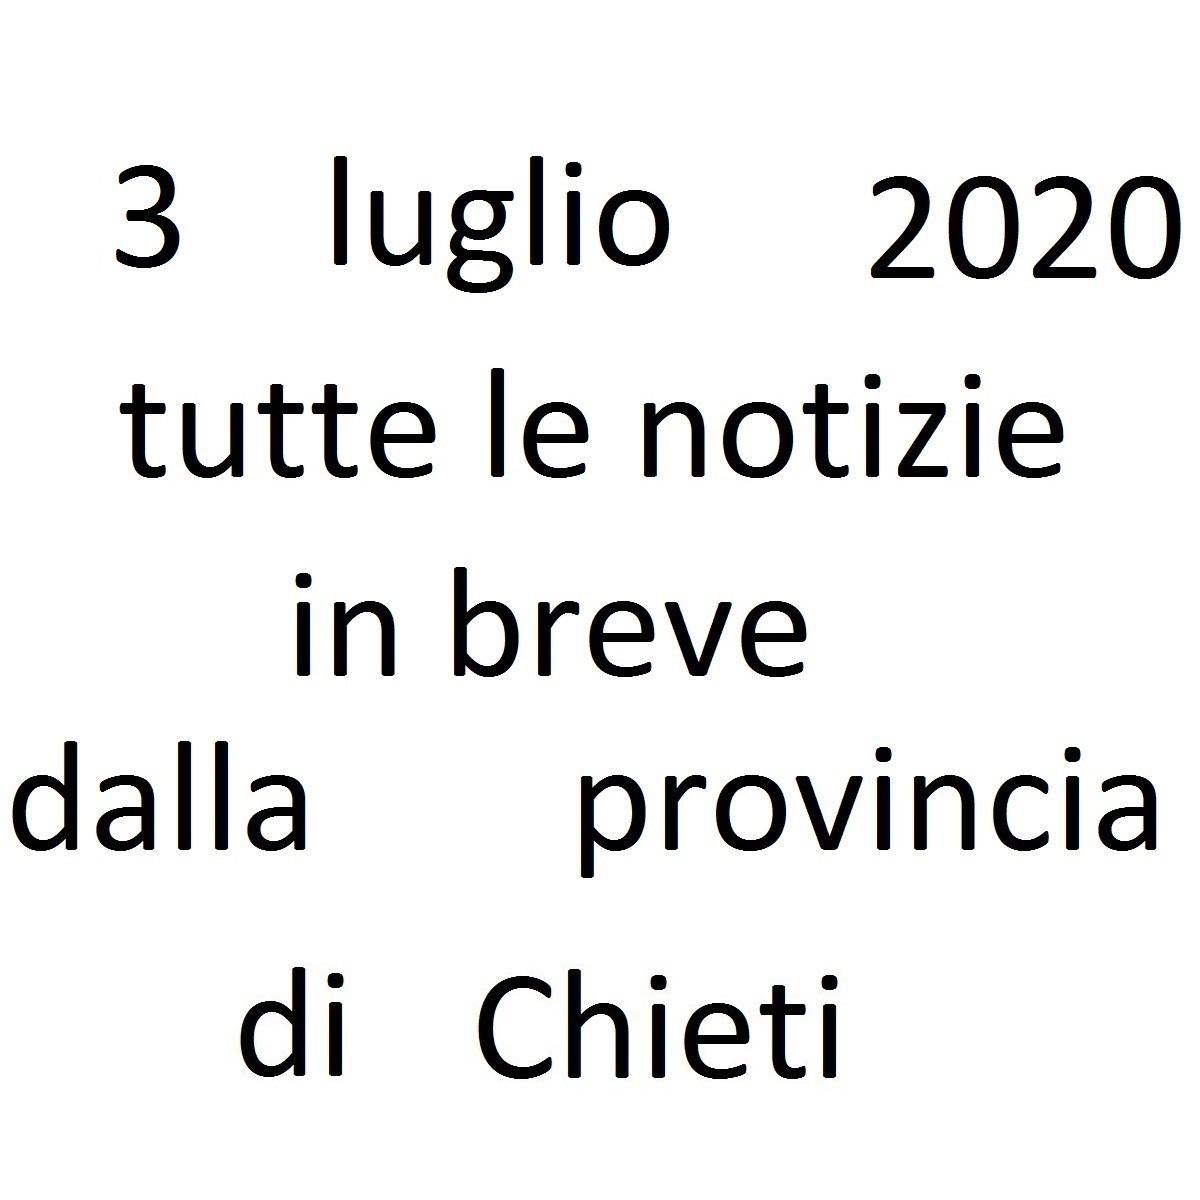 3 luglio 2020 notizie in breve dalla Provincia di Chieti foto